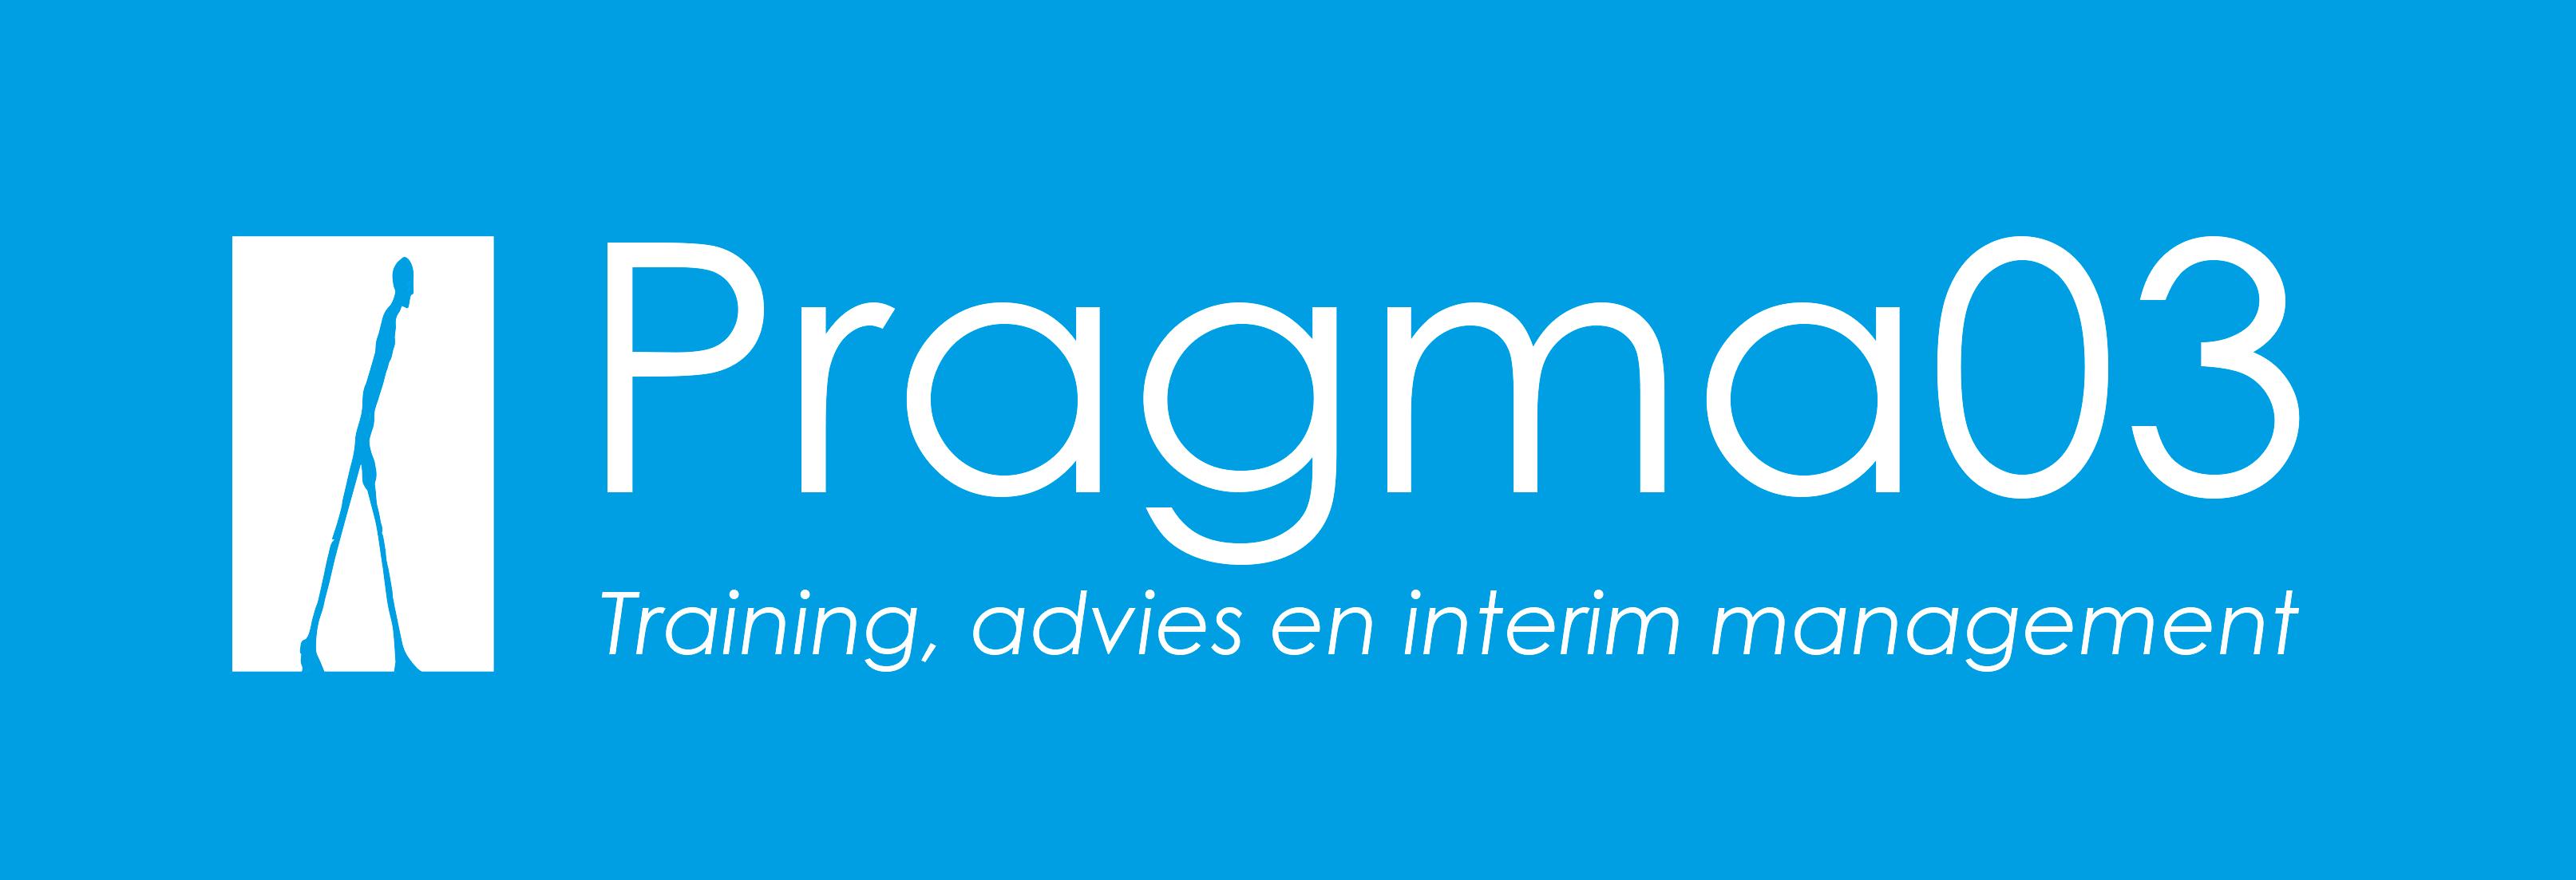 Pragma03